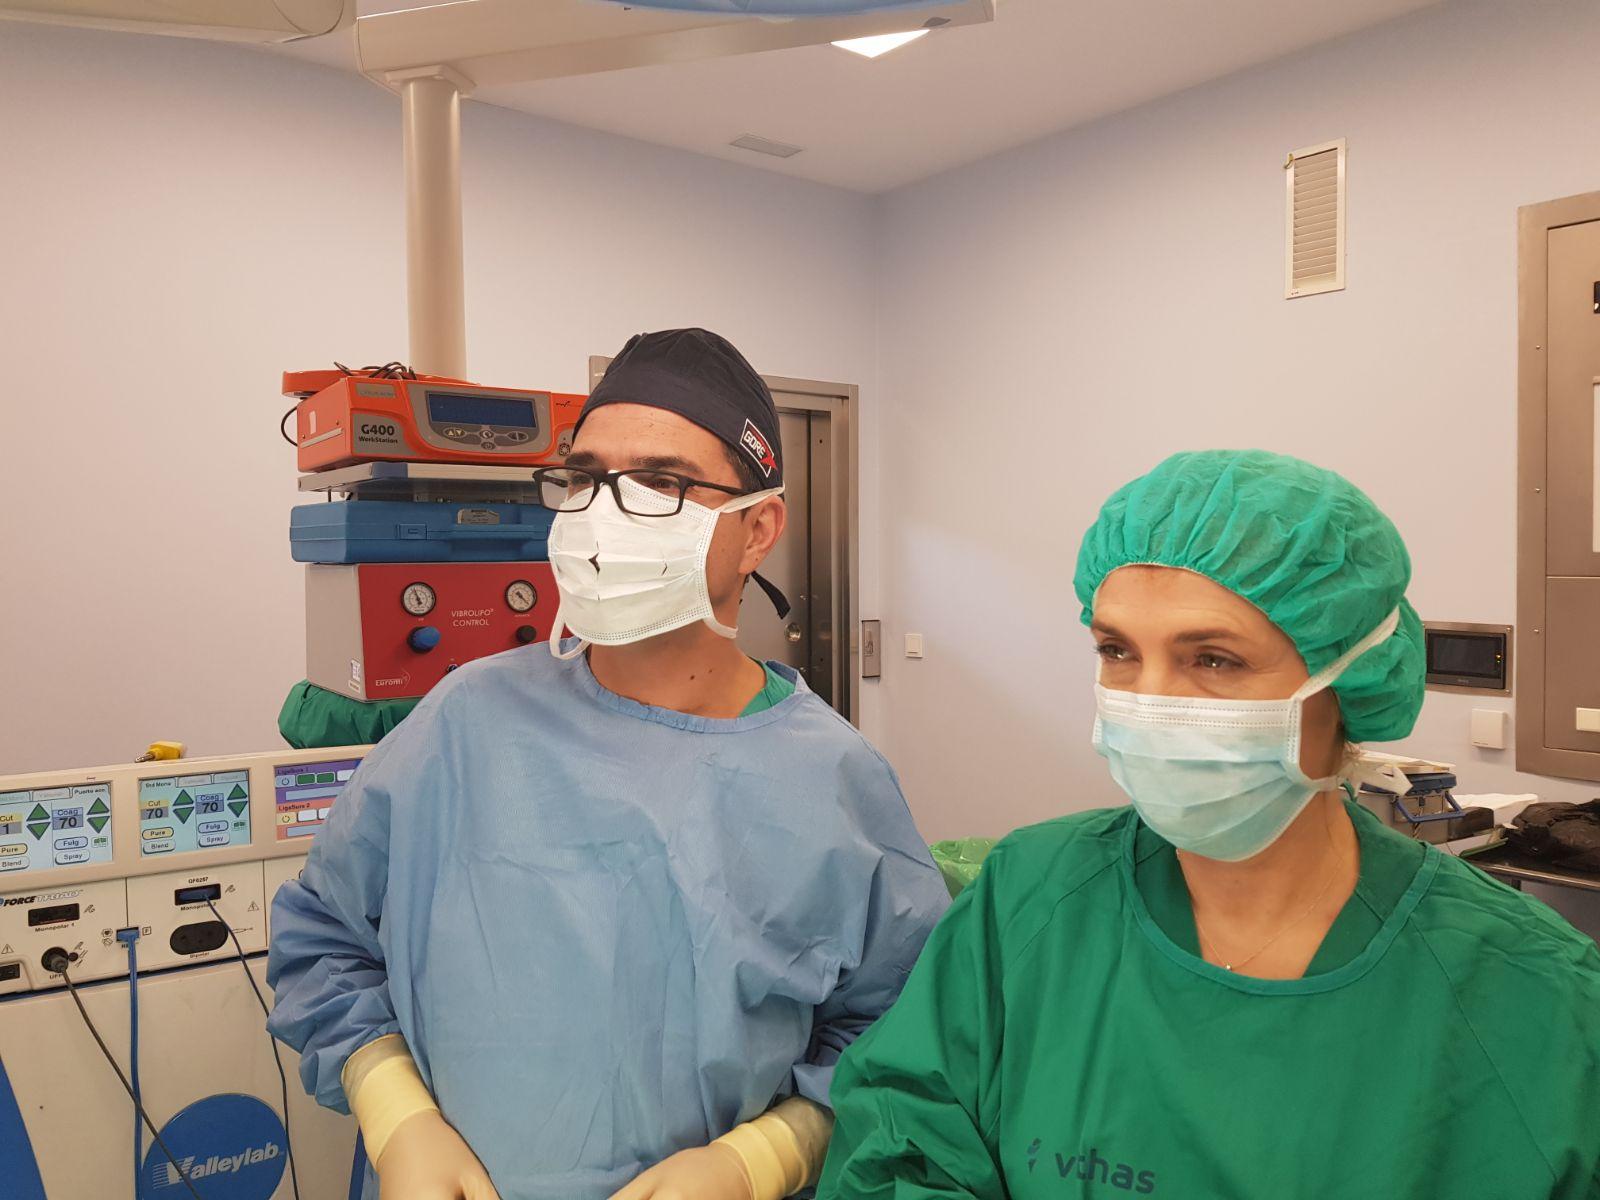 Cirugía de banda gástrica ajustable en Andalucía